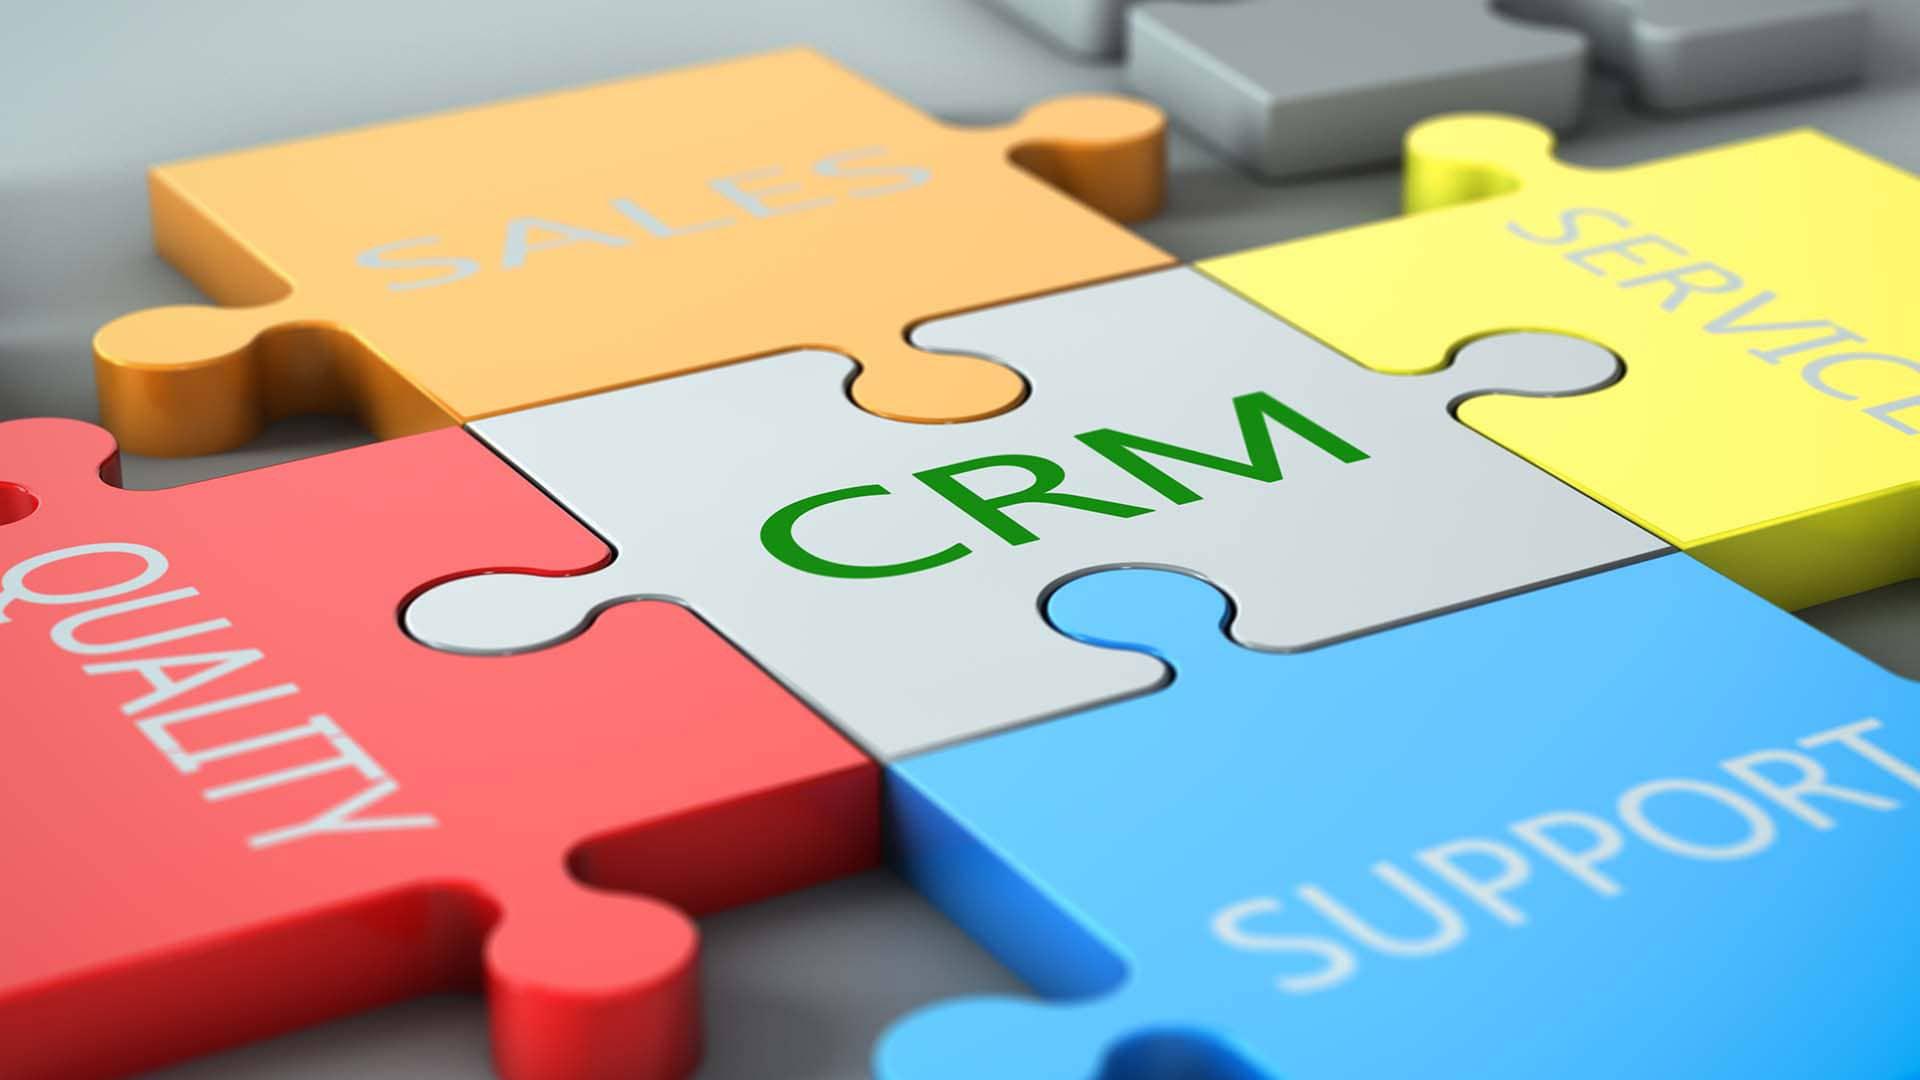 Бесплатный вебинар: 10 шагов внедрения CRM для увеличения прибыли в бизнесе